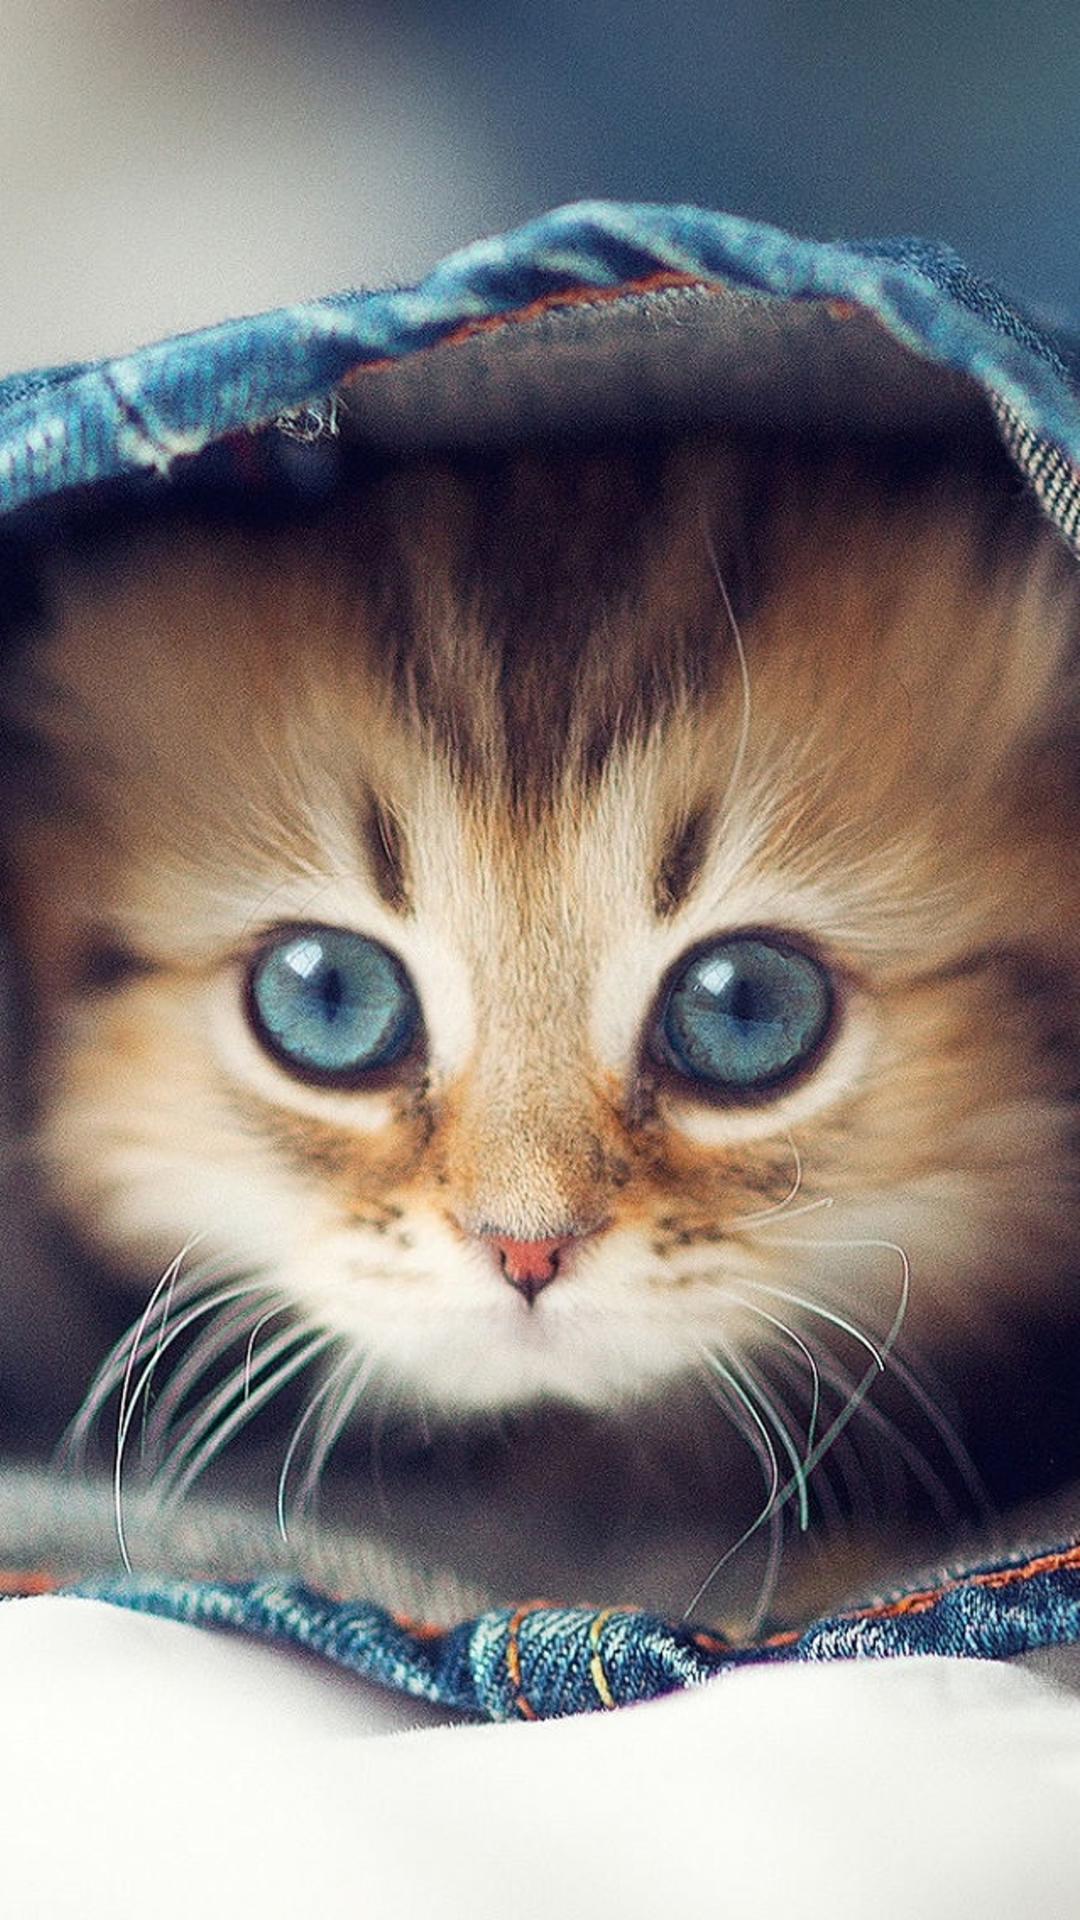 Download Wallpaper Of Cute Puppies Cat Iphone Wallpapers Pixelstalk Net